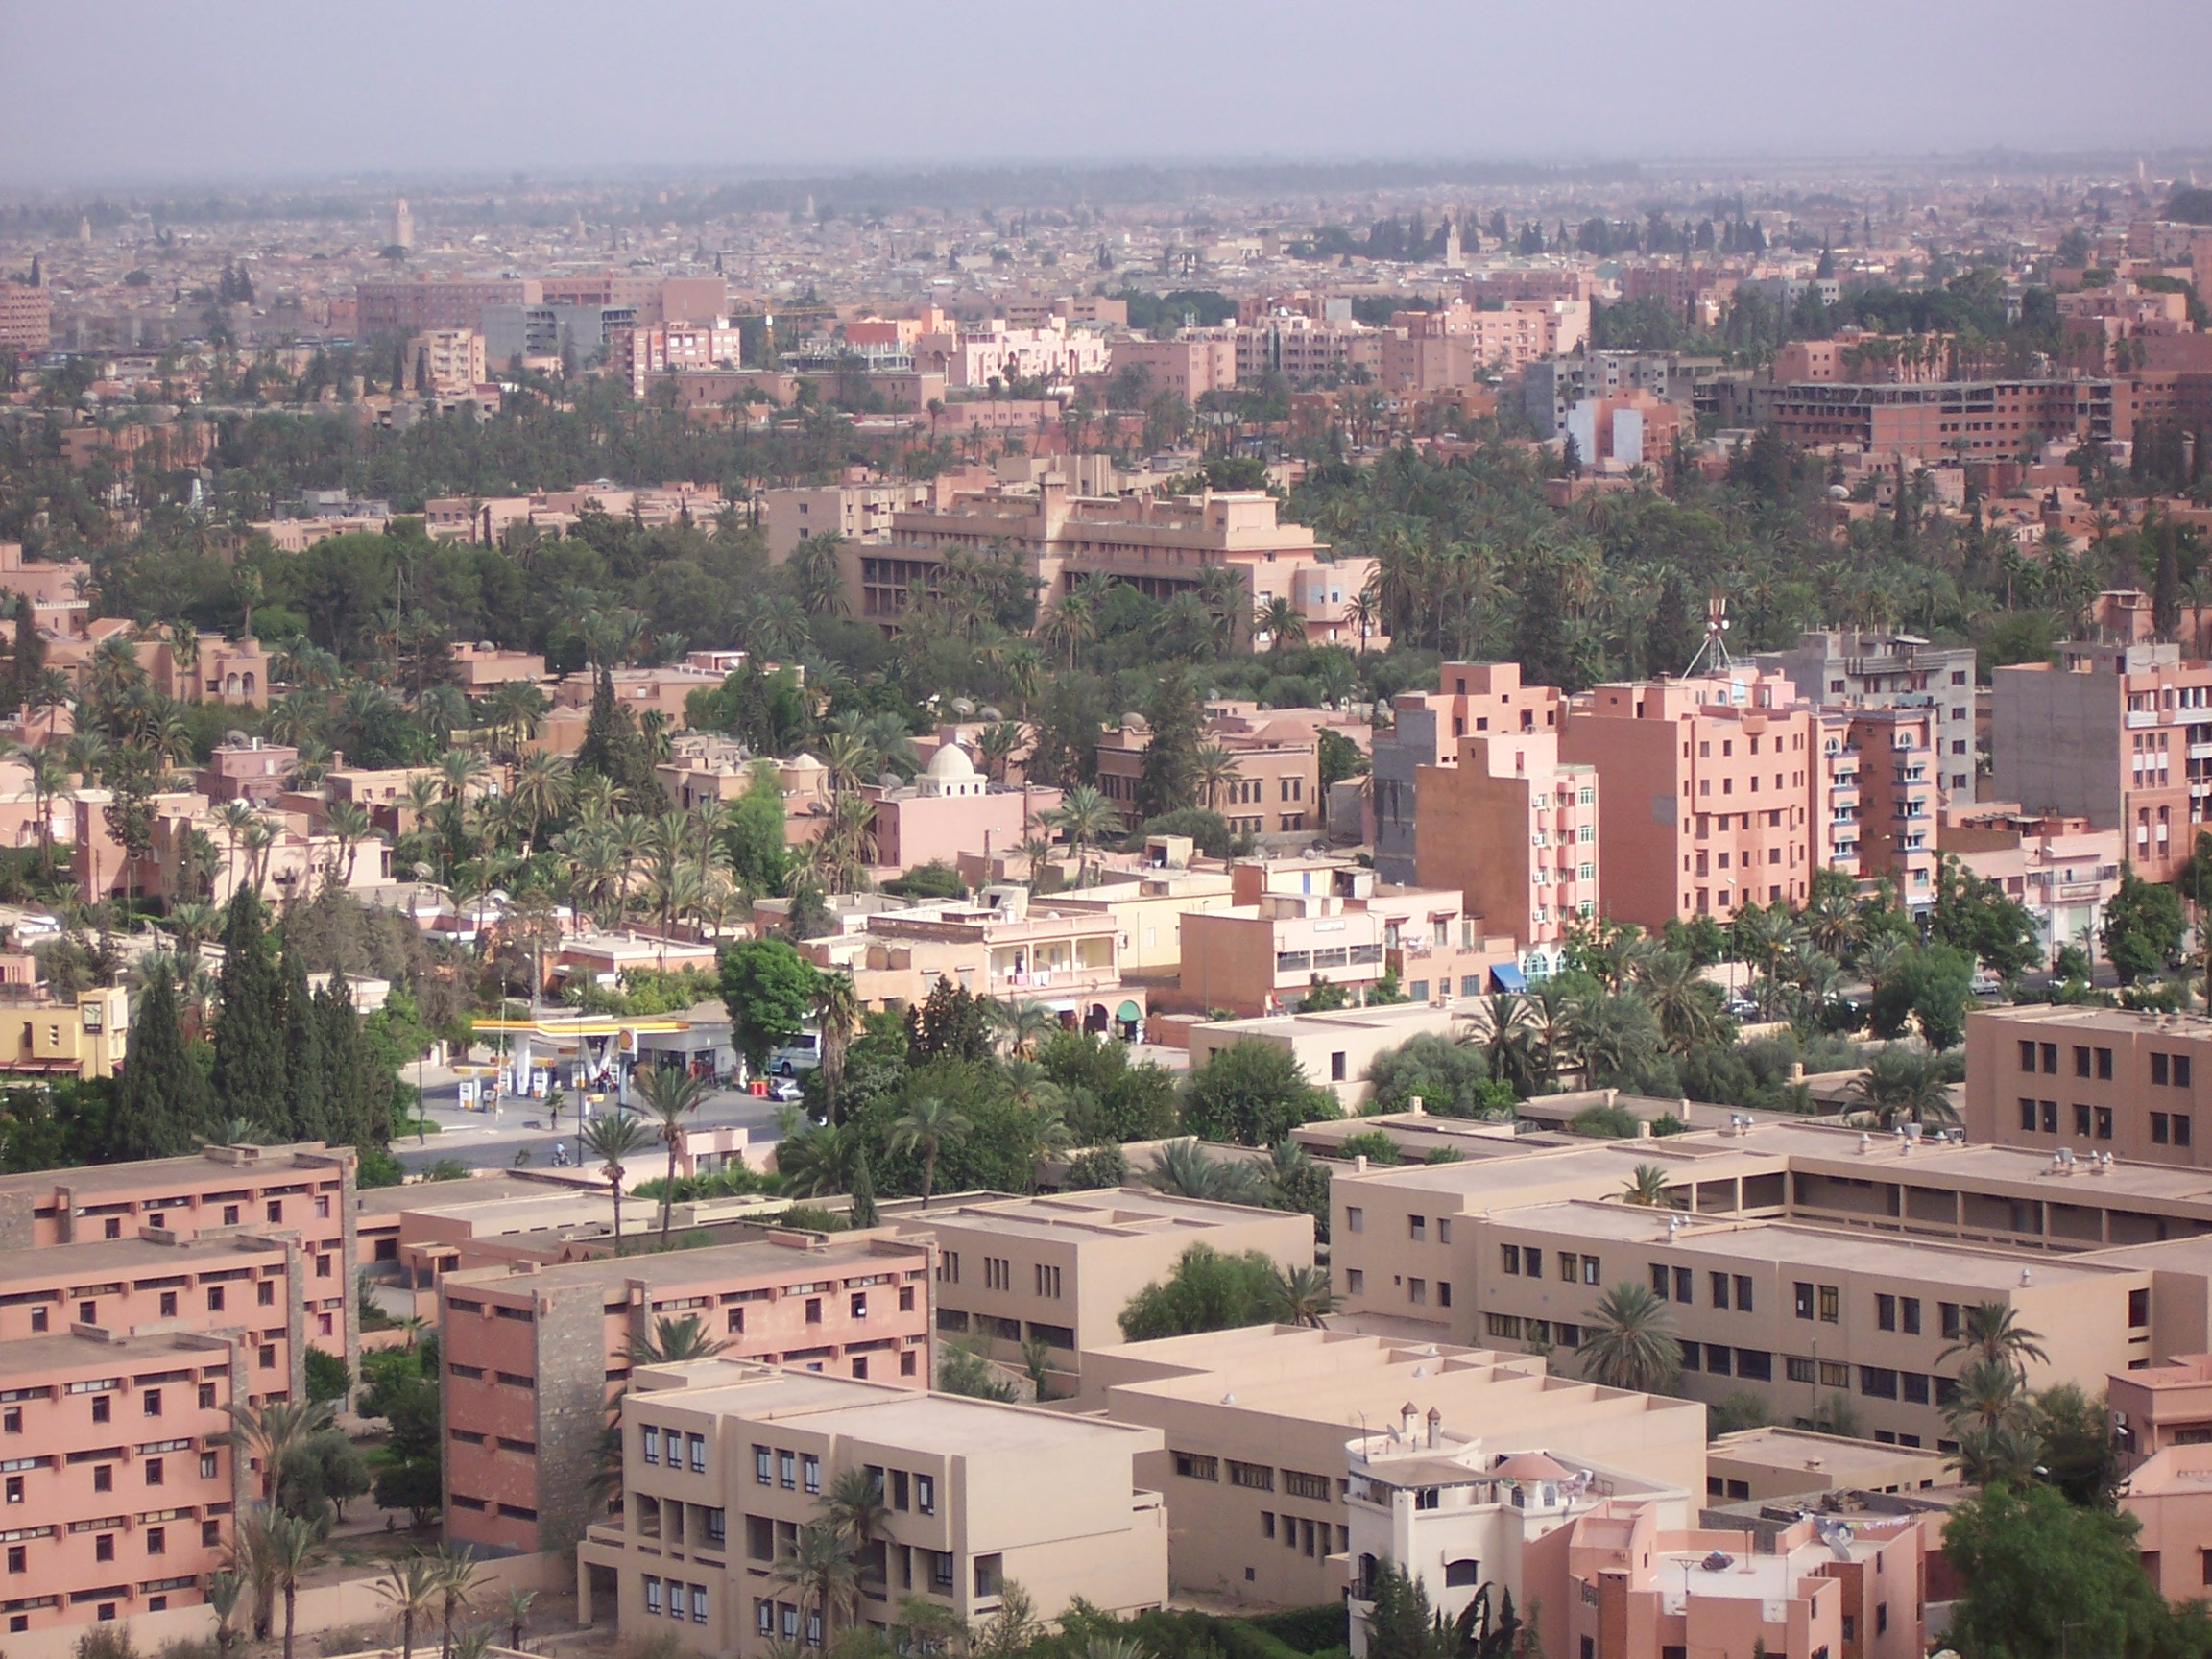 اكتشف المغرب في عشر دقائق  من أمواج الاندلس MoroccoMarrakech_townfromhill